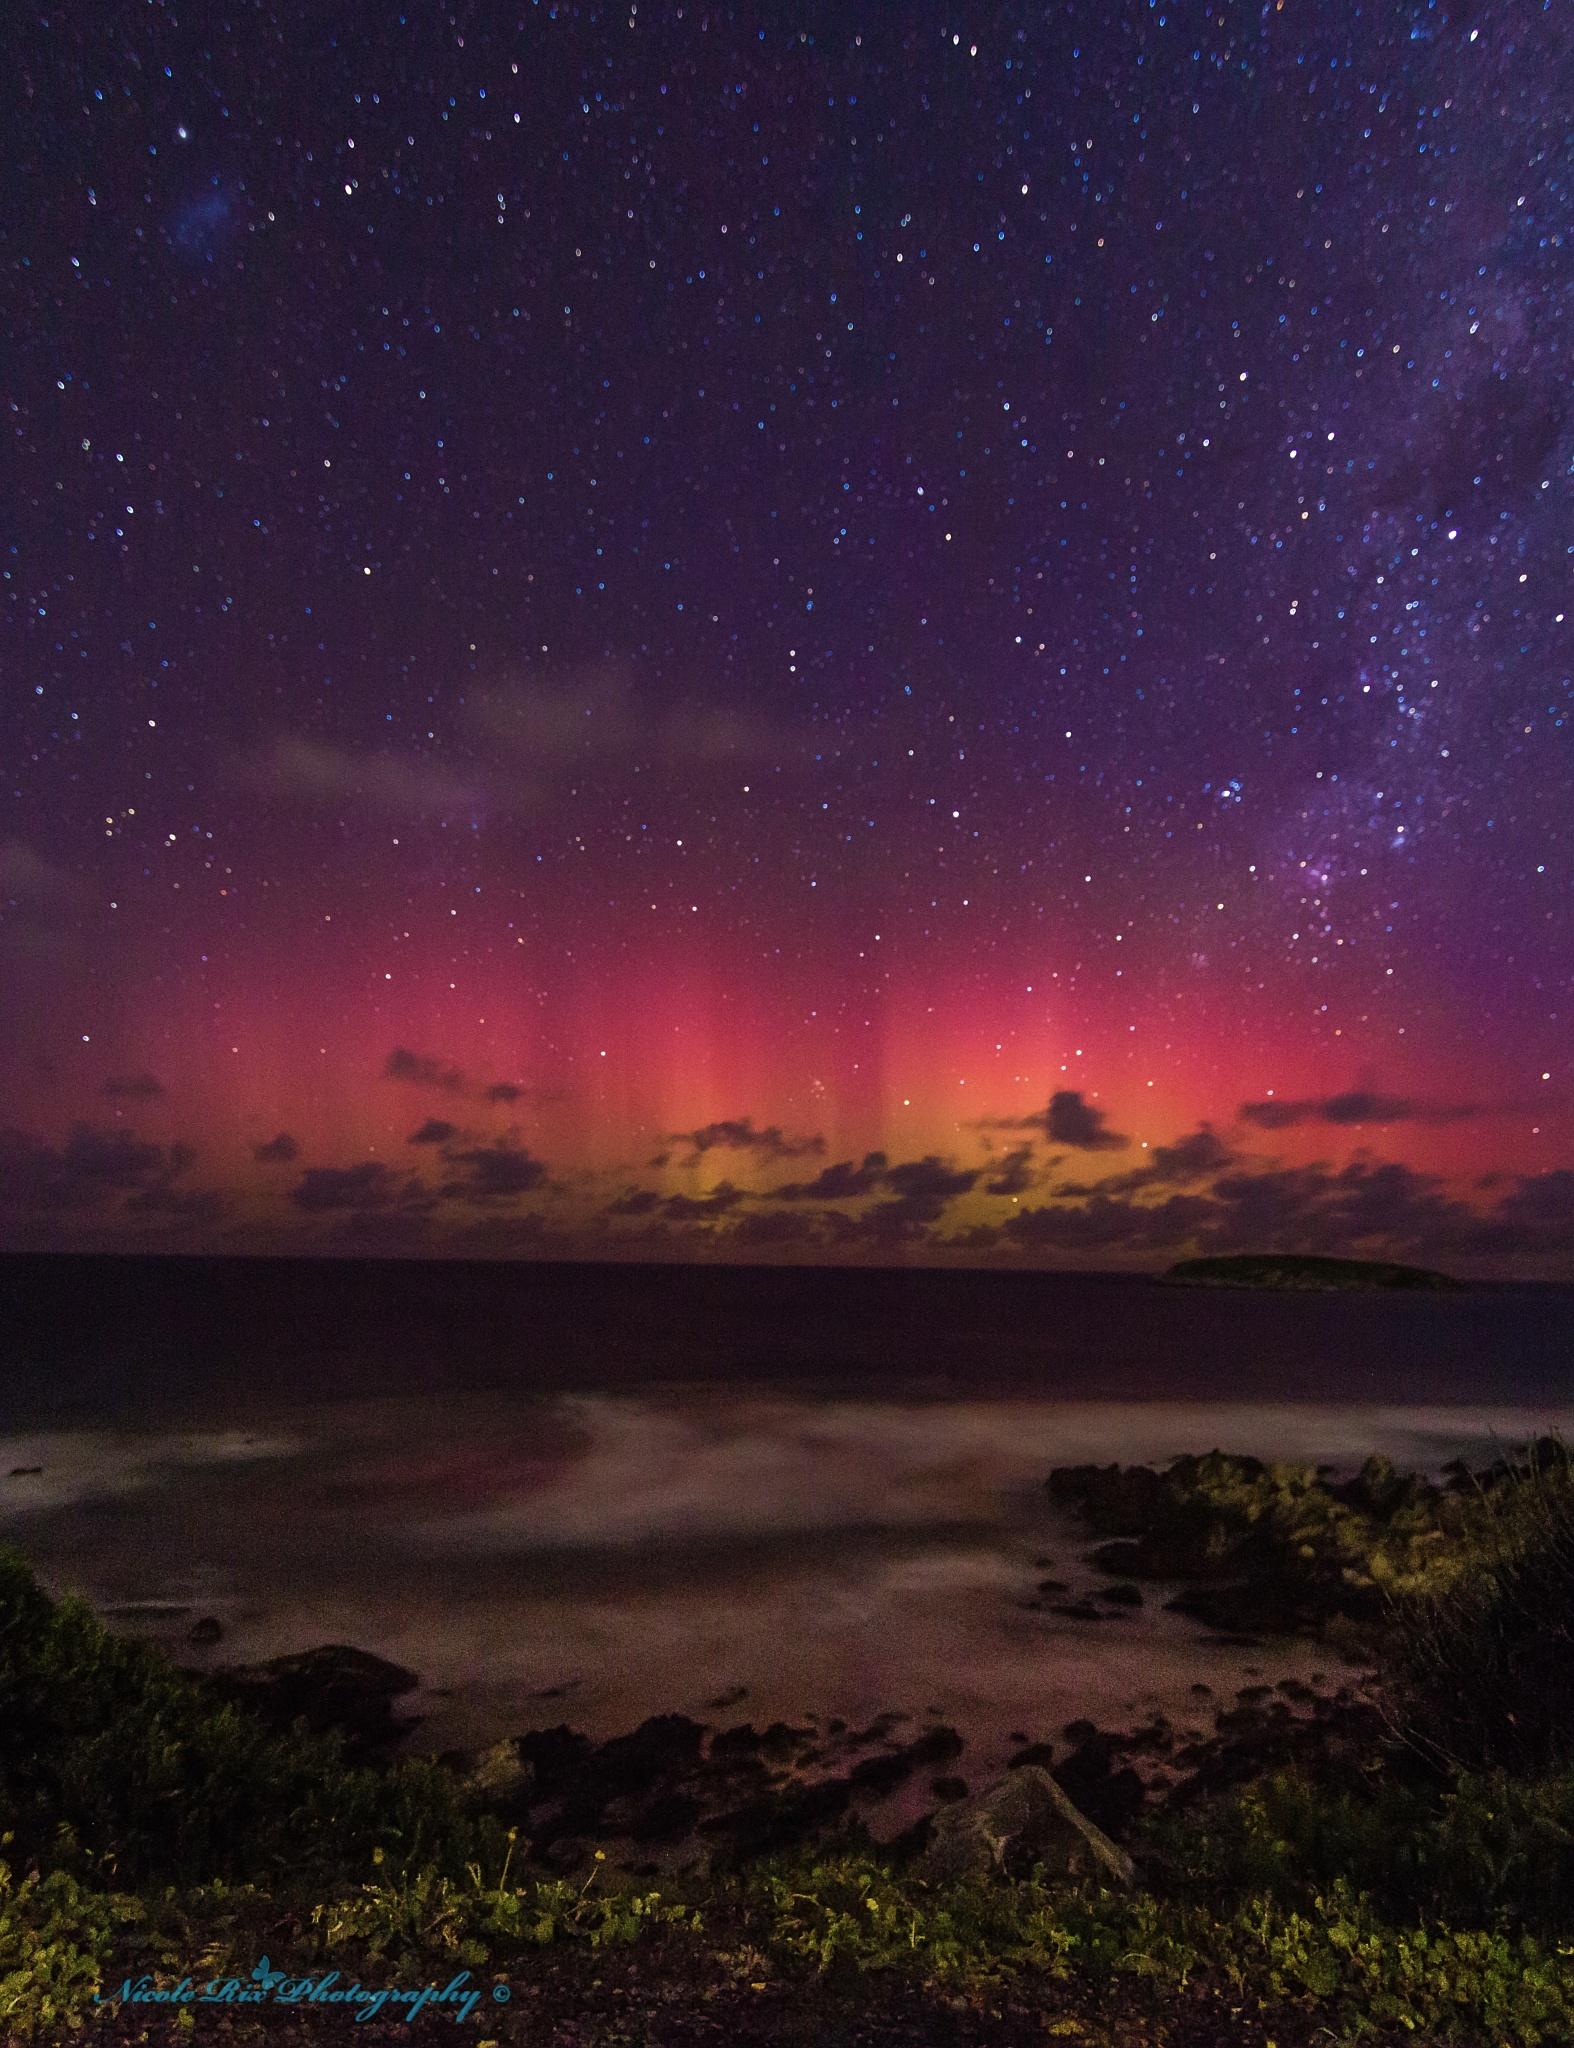 Aurora at the Petrel Cove by Nicole Rix